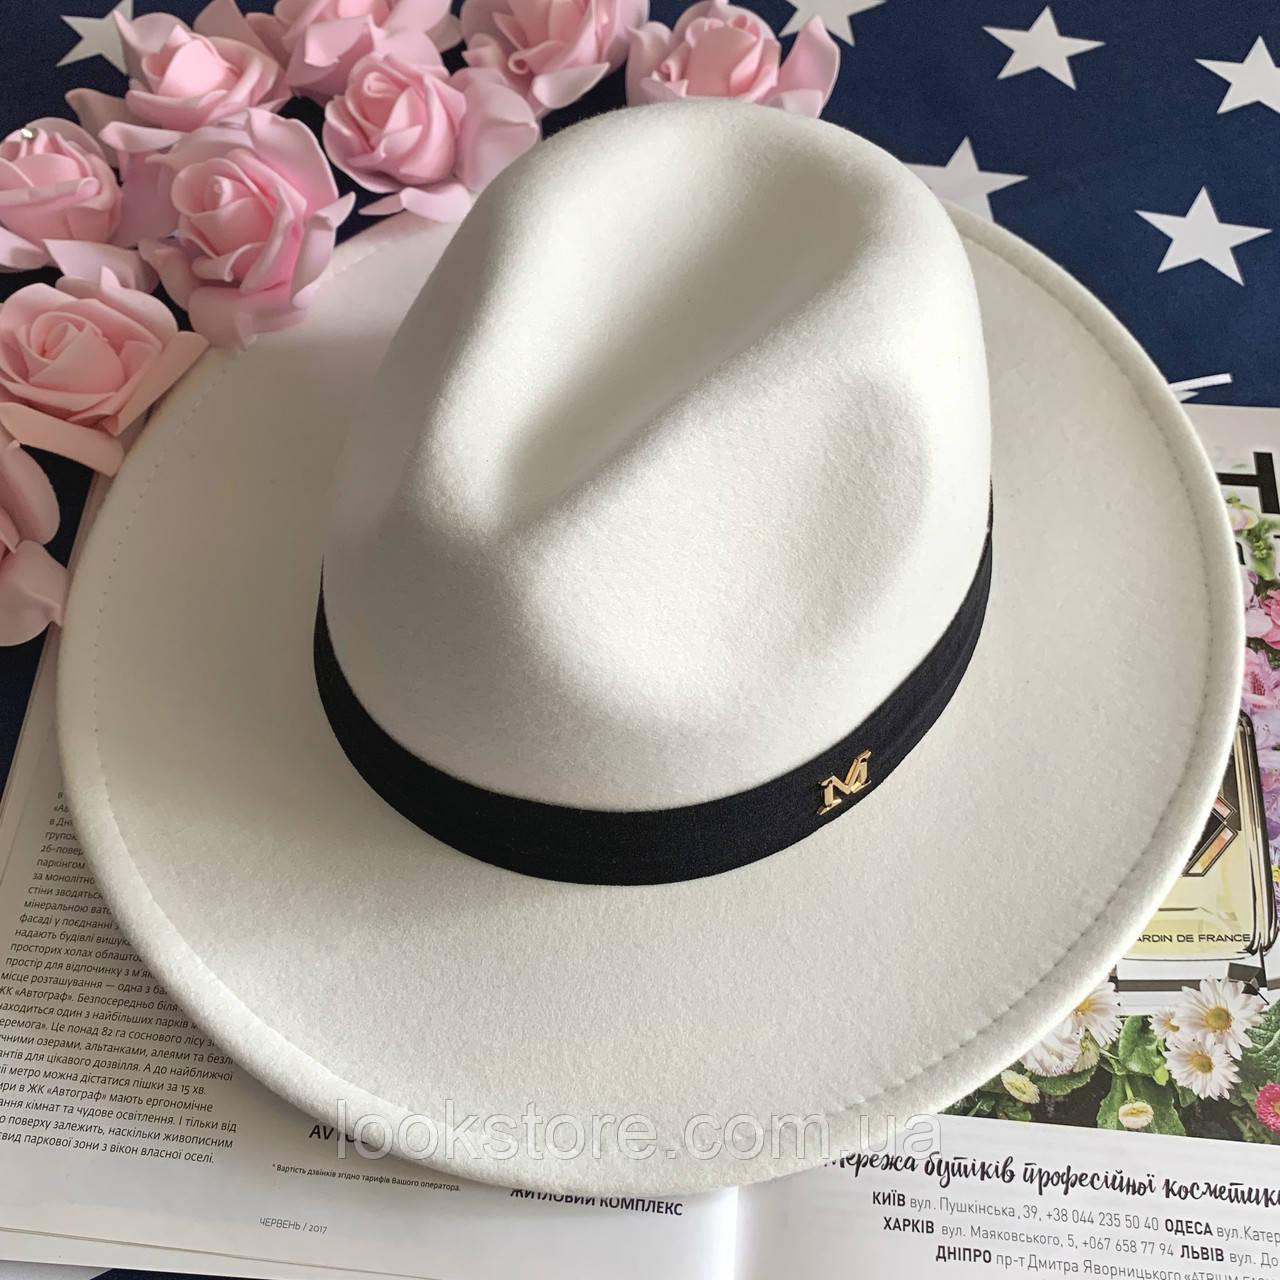 Шляпа Федора унисекс с устойчивыми полями в стиле Maison Michel белая